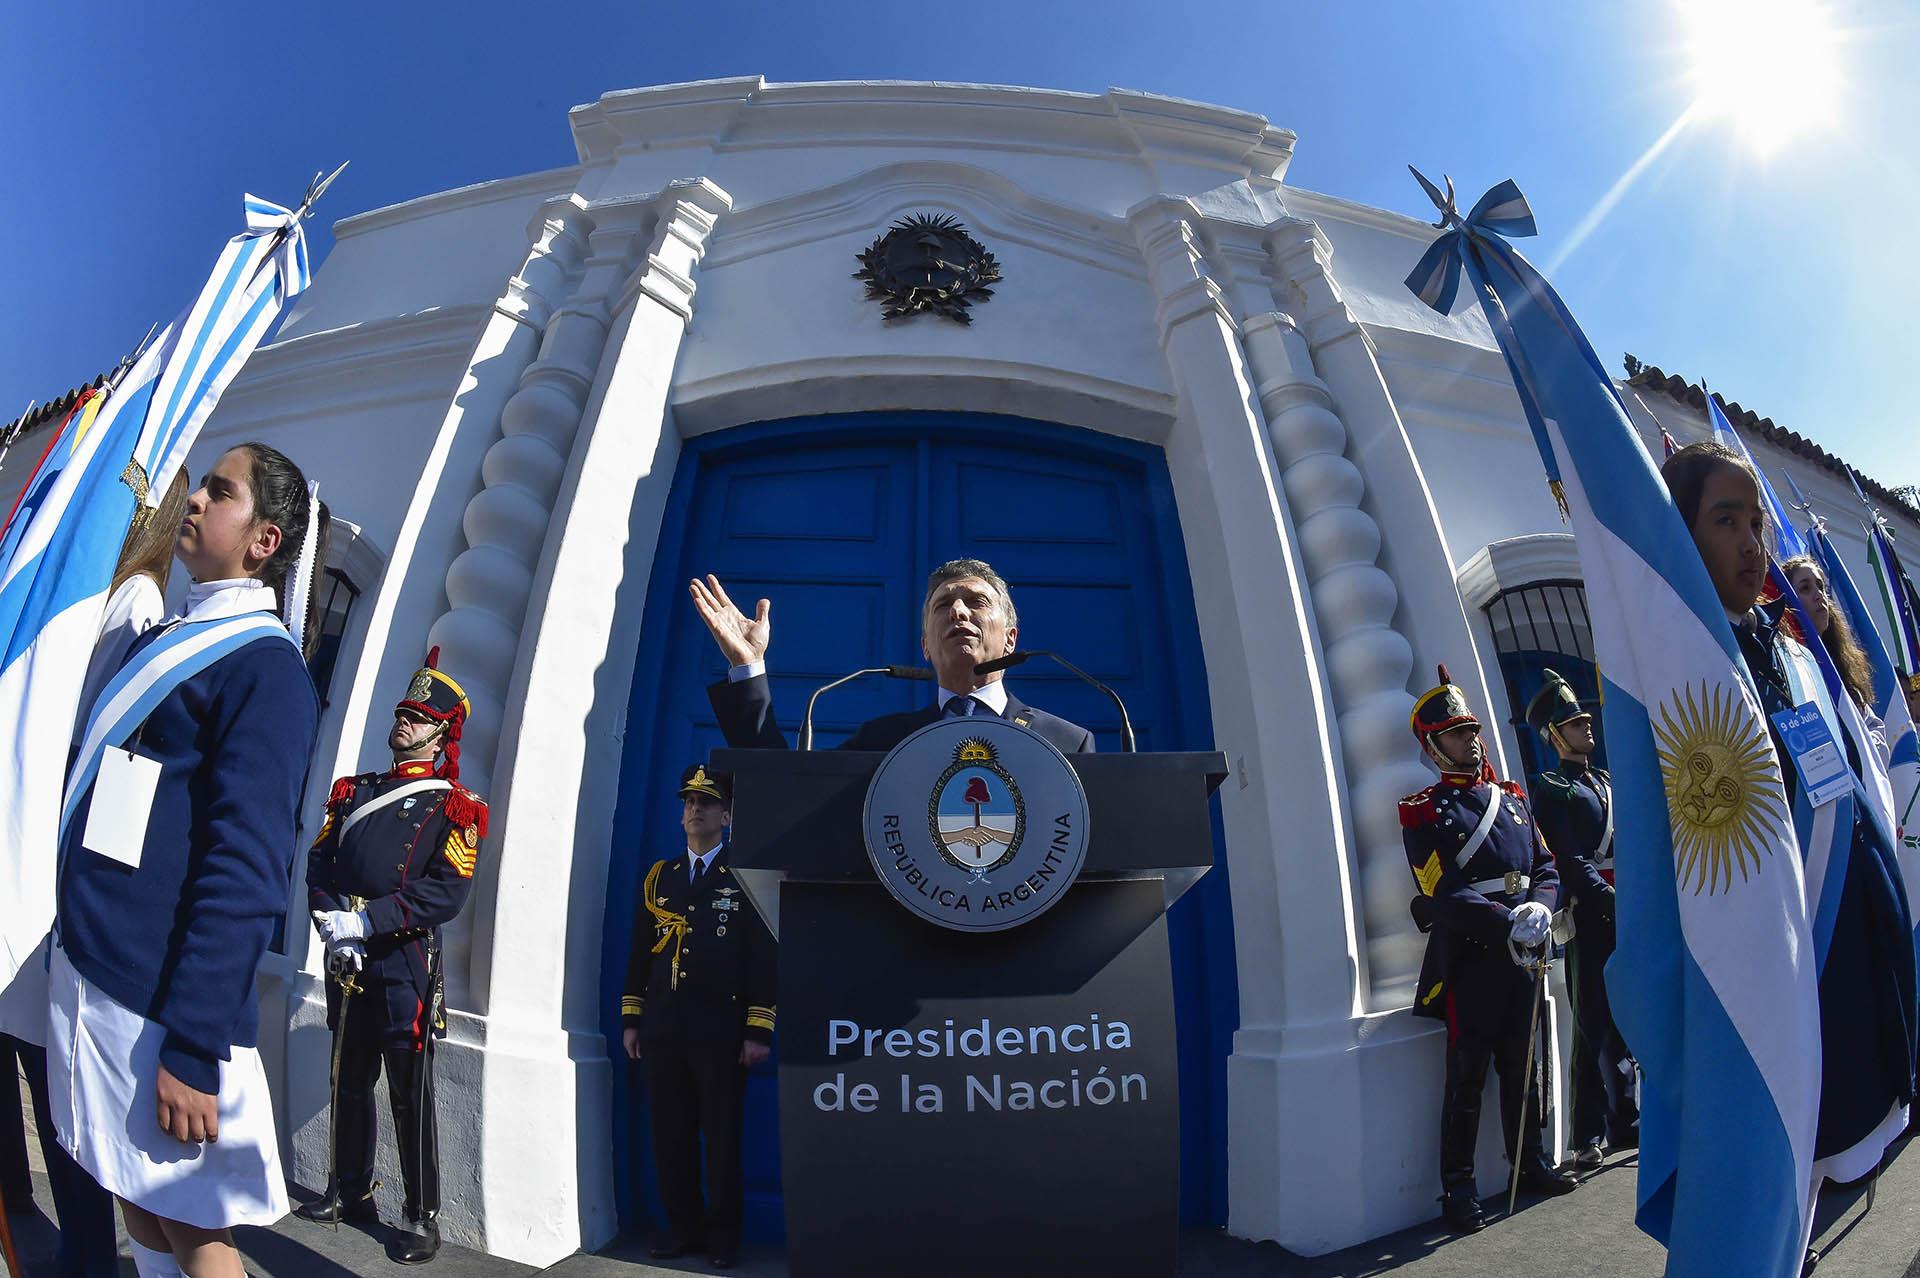 2016. Mensaje presidencial frente a la Casa Histórica, con motivo de los 200 años de la Declaración de la Independencia.